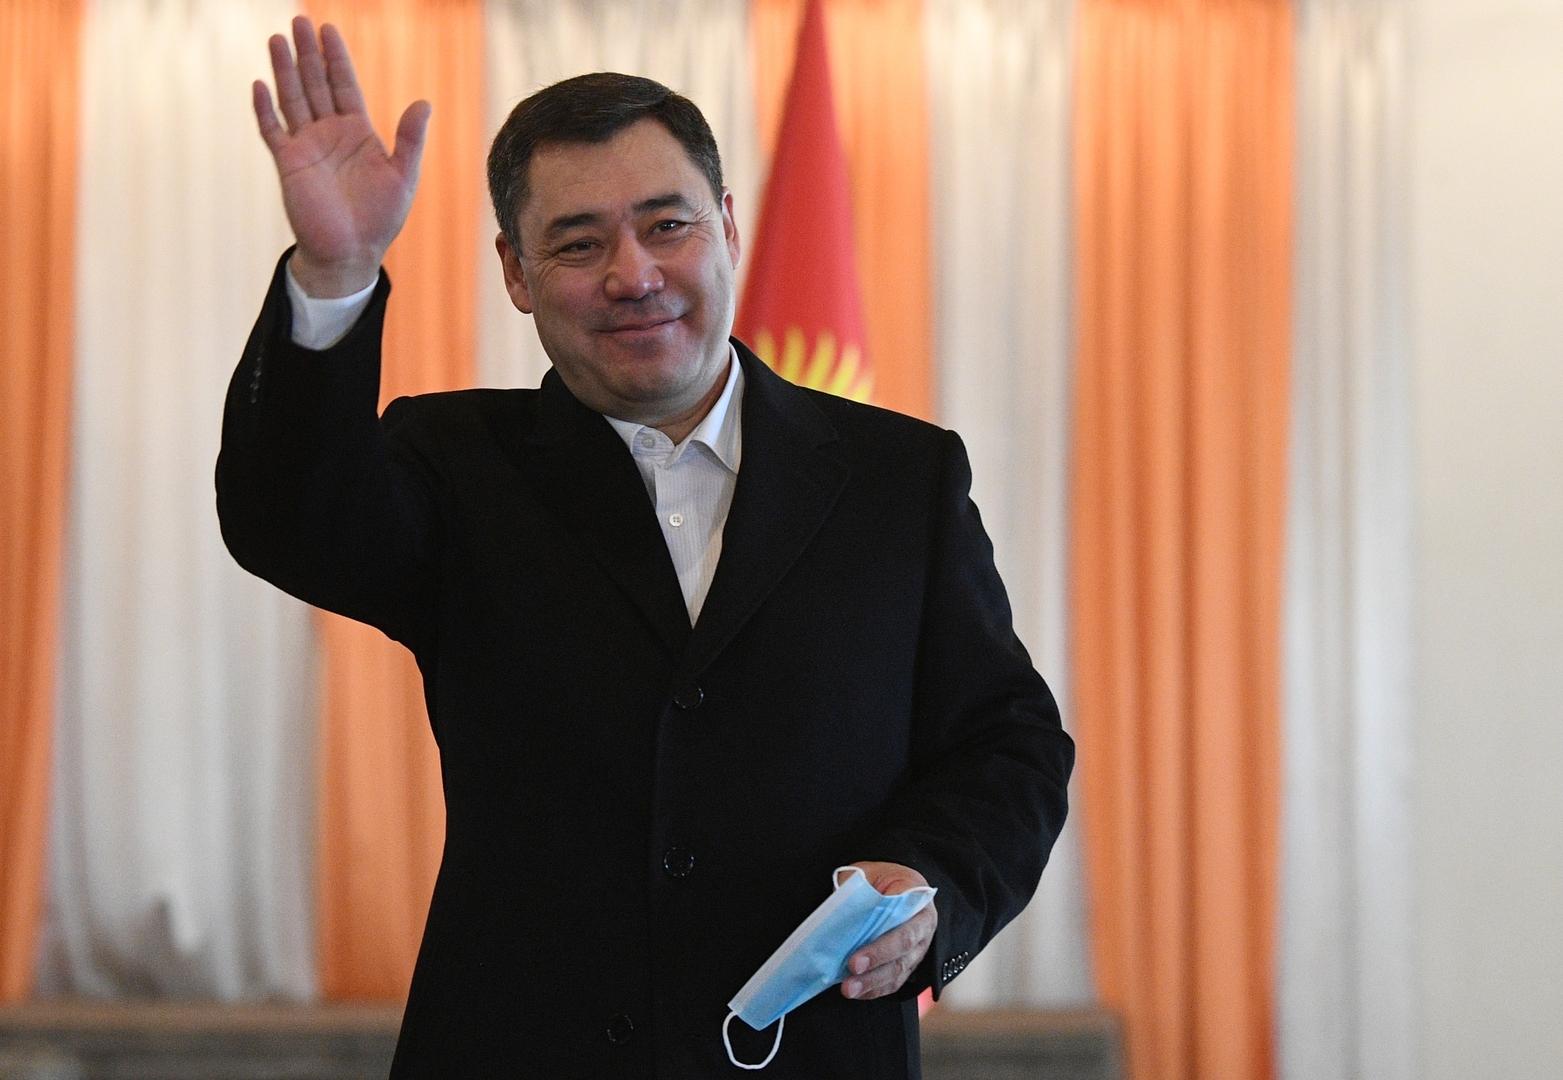 قرغيزستان.. السياسي القومي جباروف يحقق فوزا ساحقا في انتخابات الرئاسة